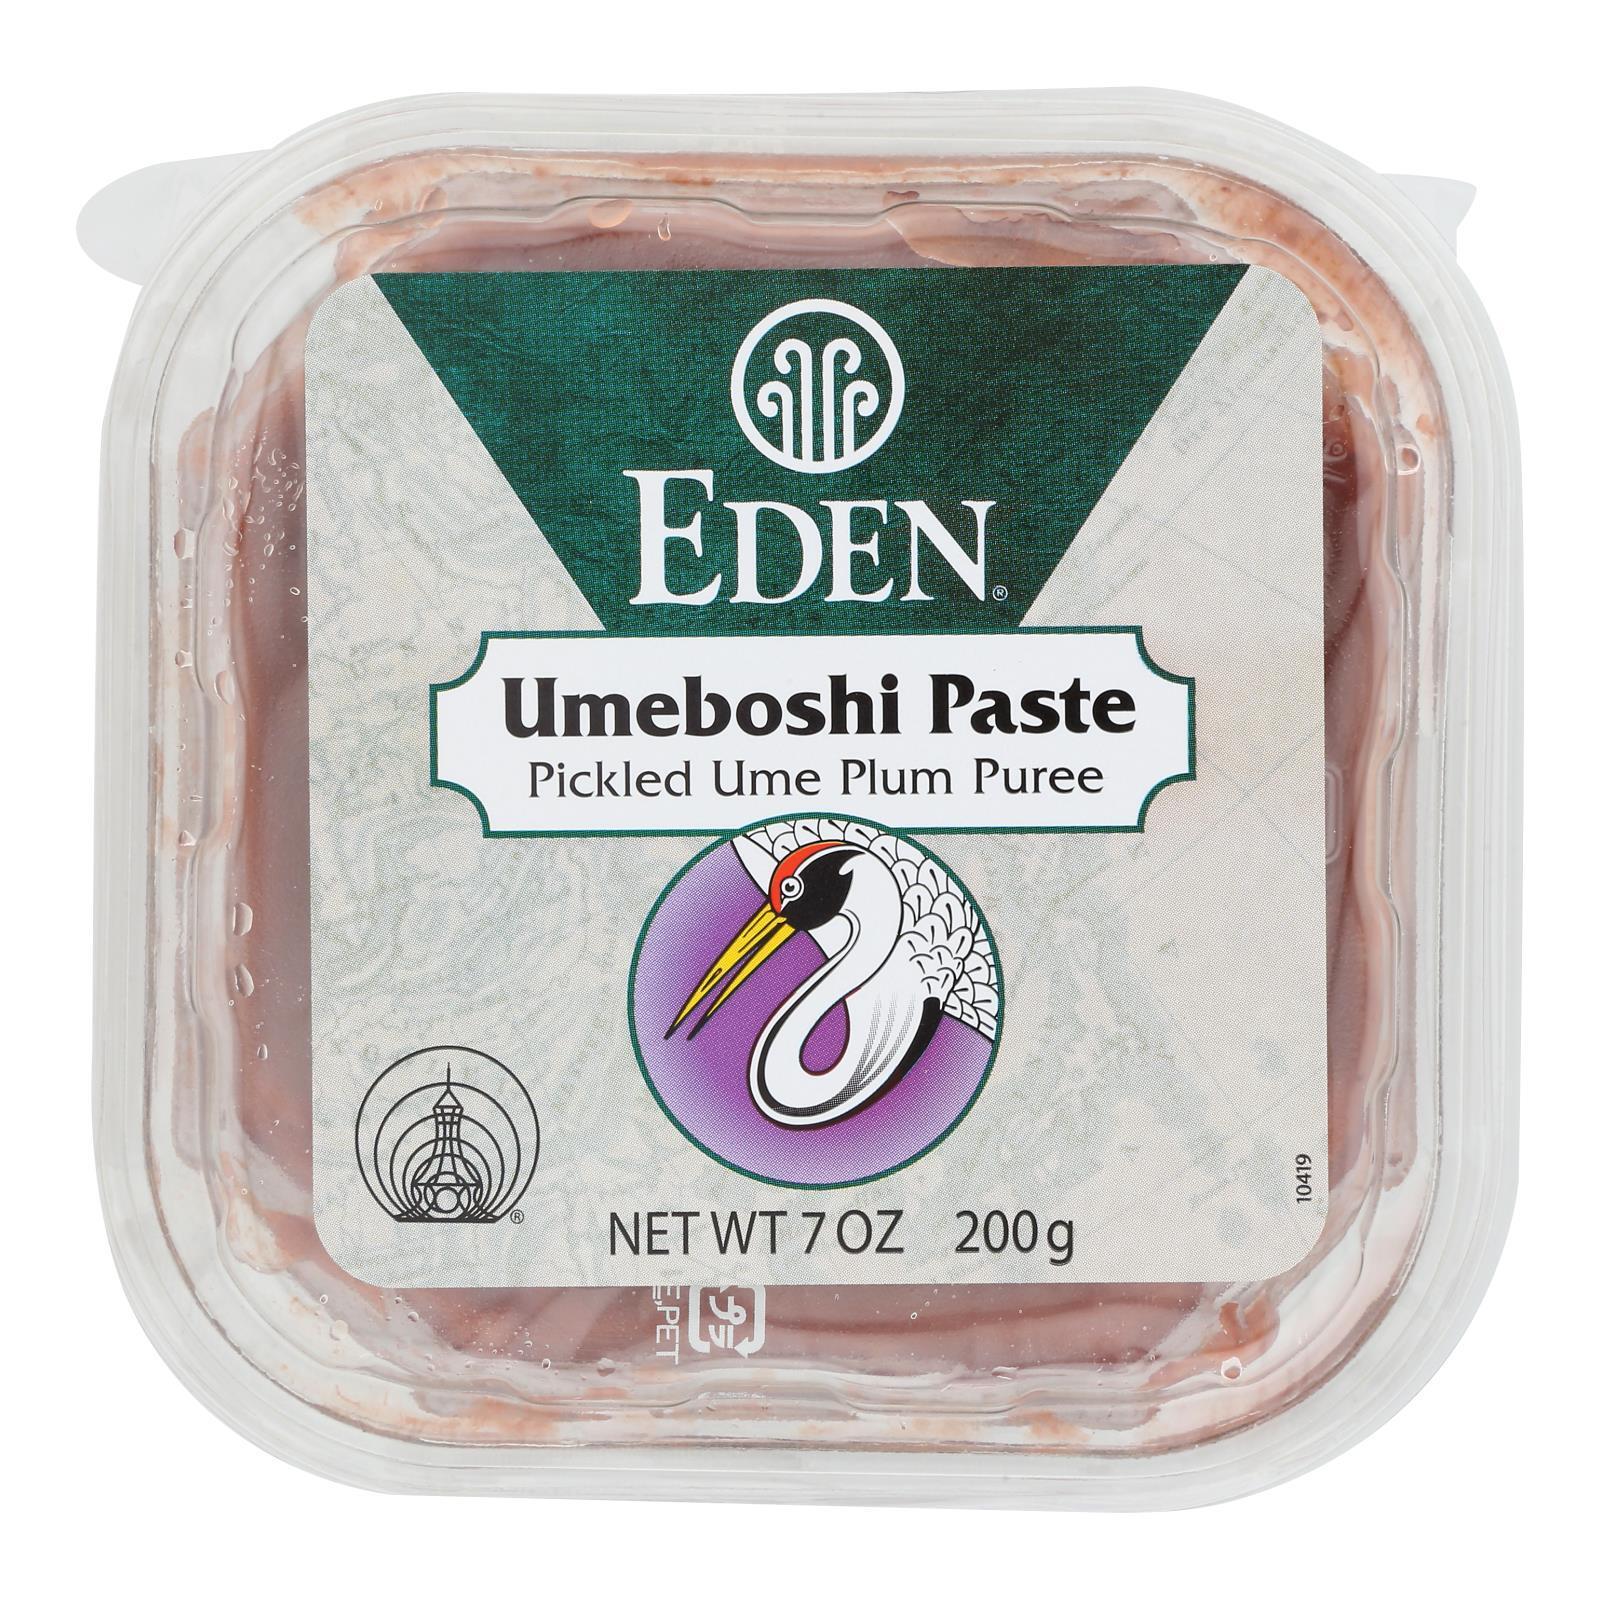 Eden Foods Umeboshi Paste - Pickled Plum Puree - 7.05 oz